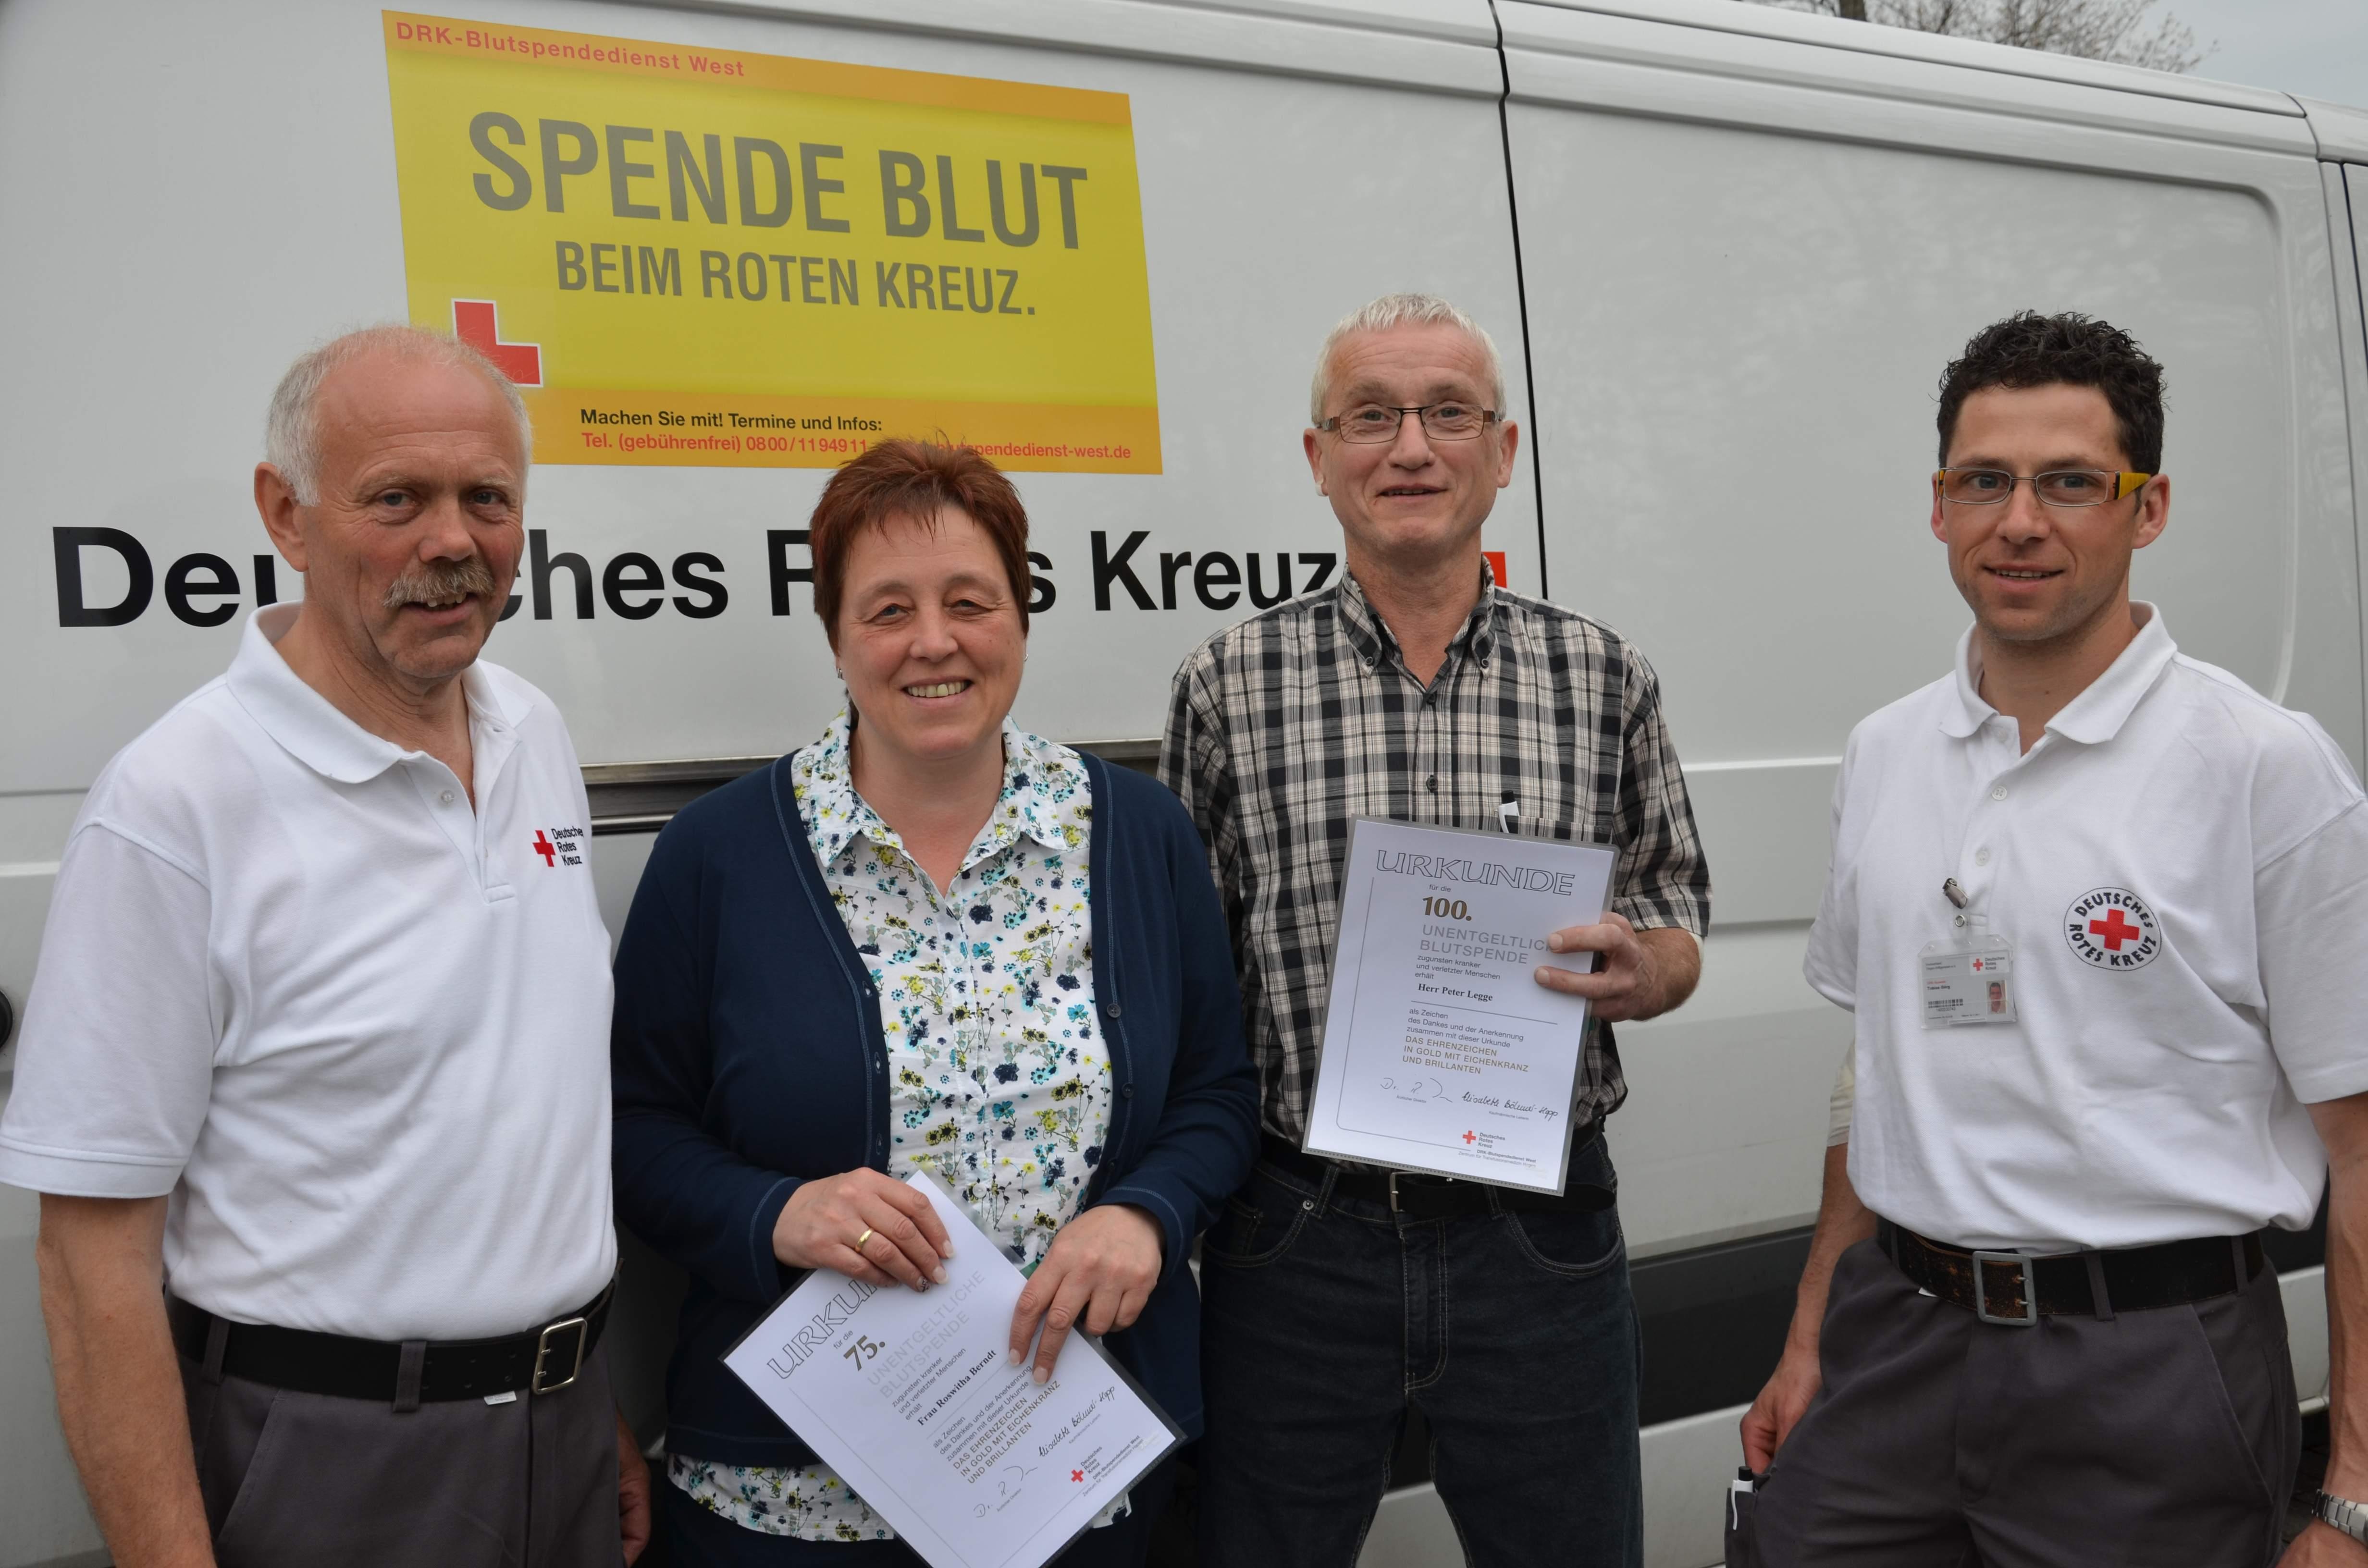 """144 Spender im Haus """"Cäcilia"""" – Peter Legge für 100. Blutspende ausgezeichnet"""